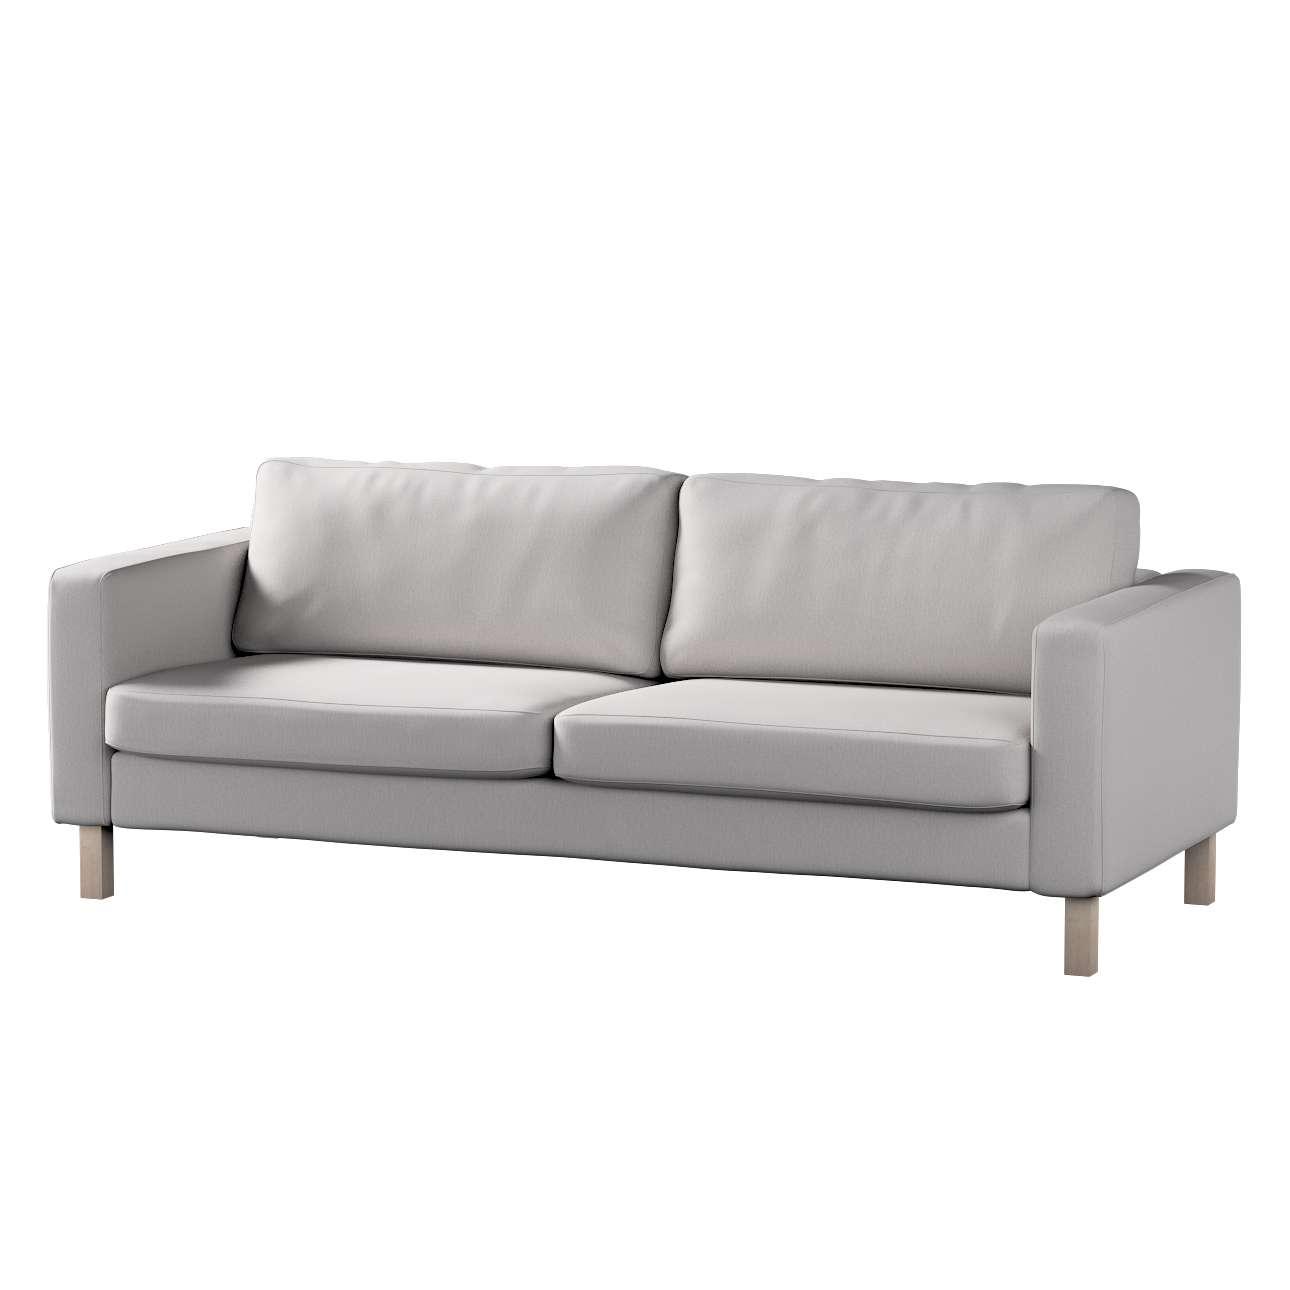 Pokrowiec na sofę Karlstad rozkładaną, krótki Sofa Karlstad 3-os rozkładana w kolekcji Chenille, tkanina: 702-23